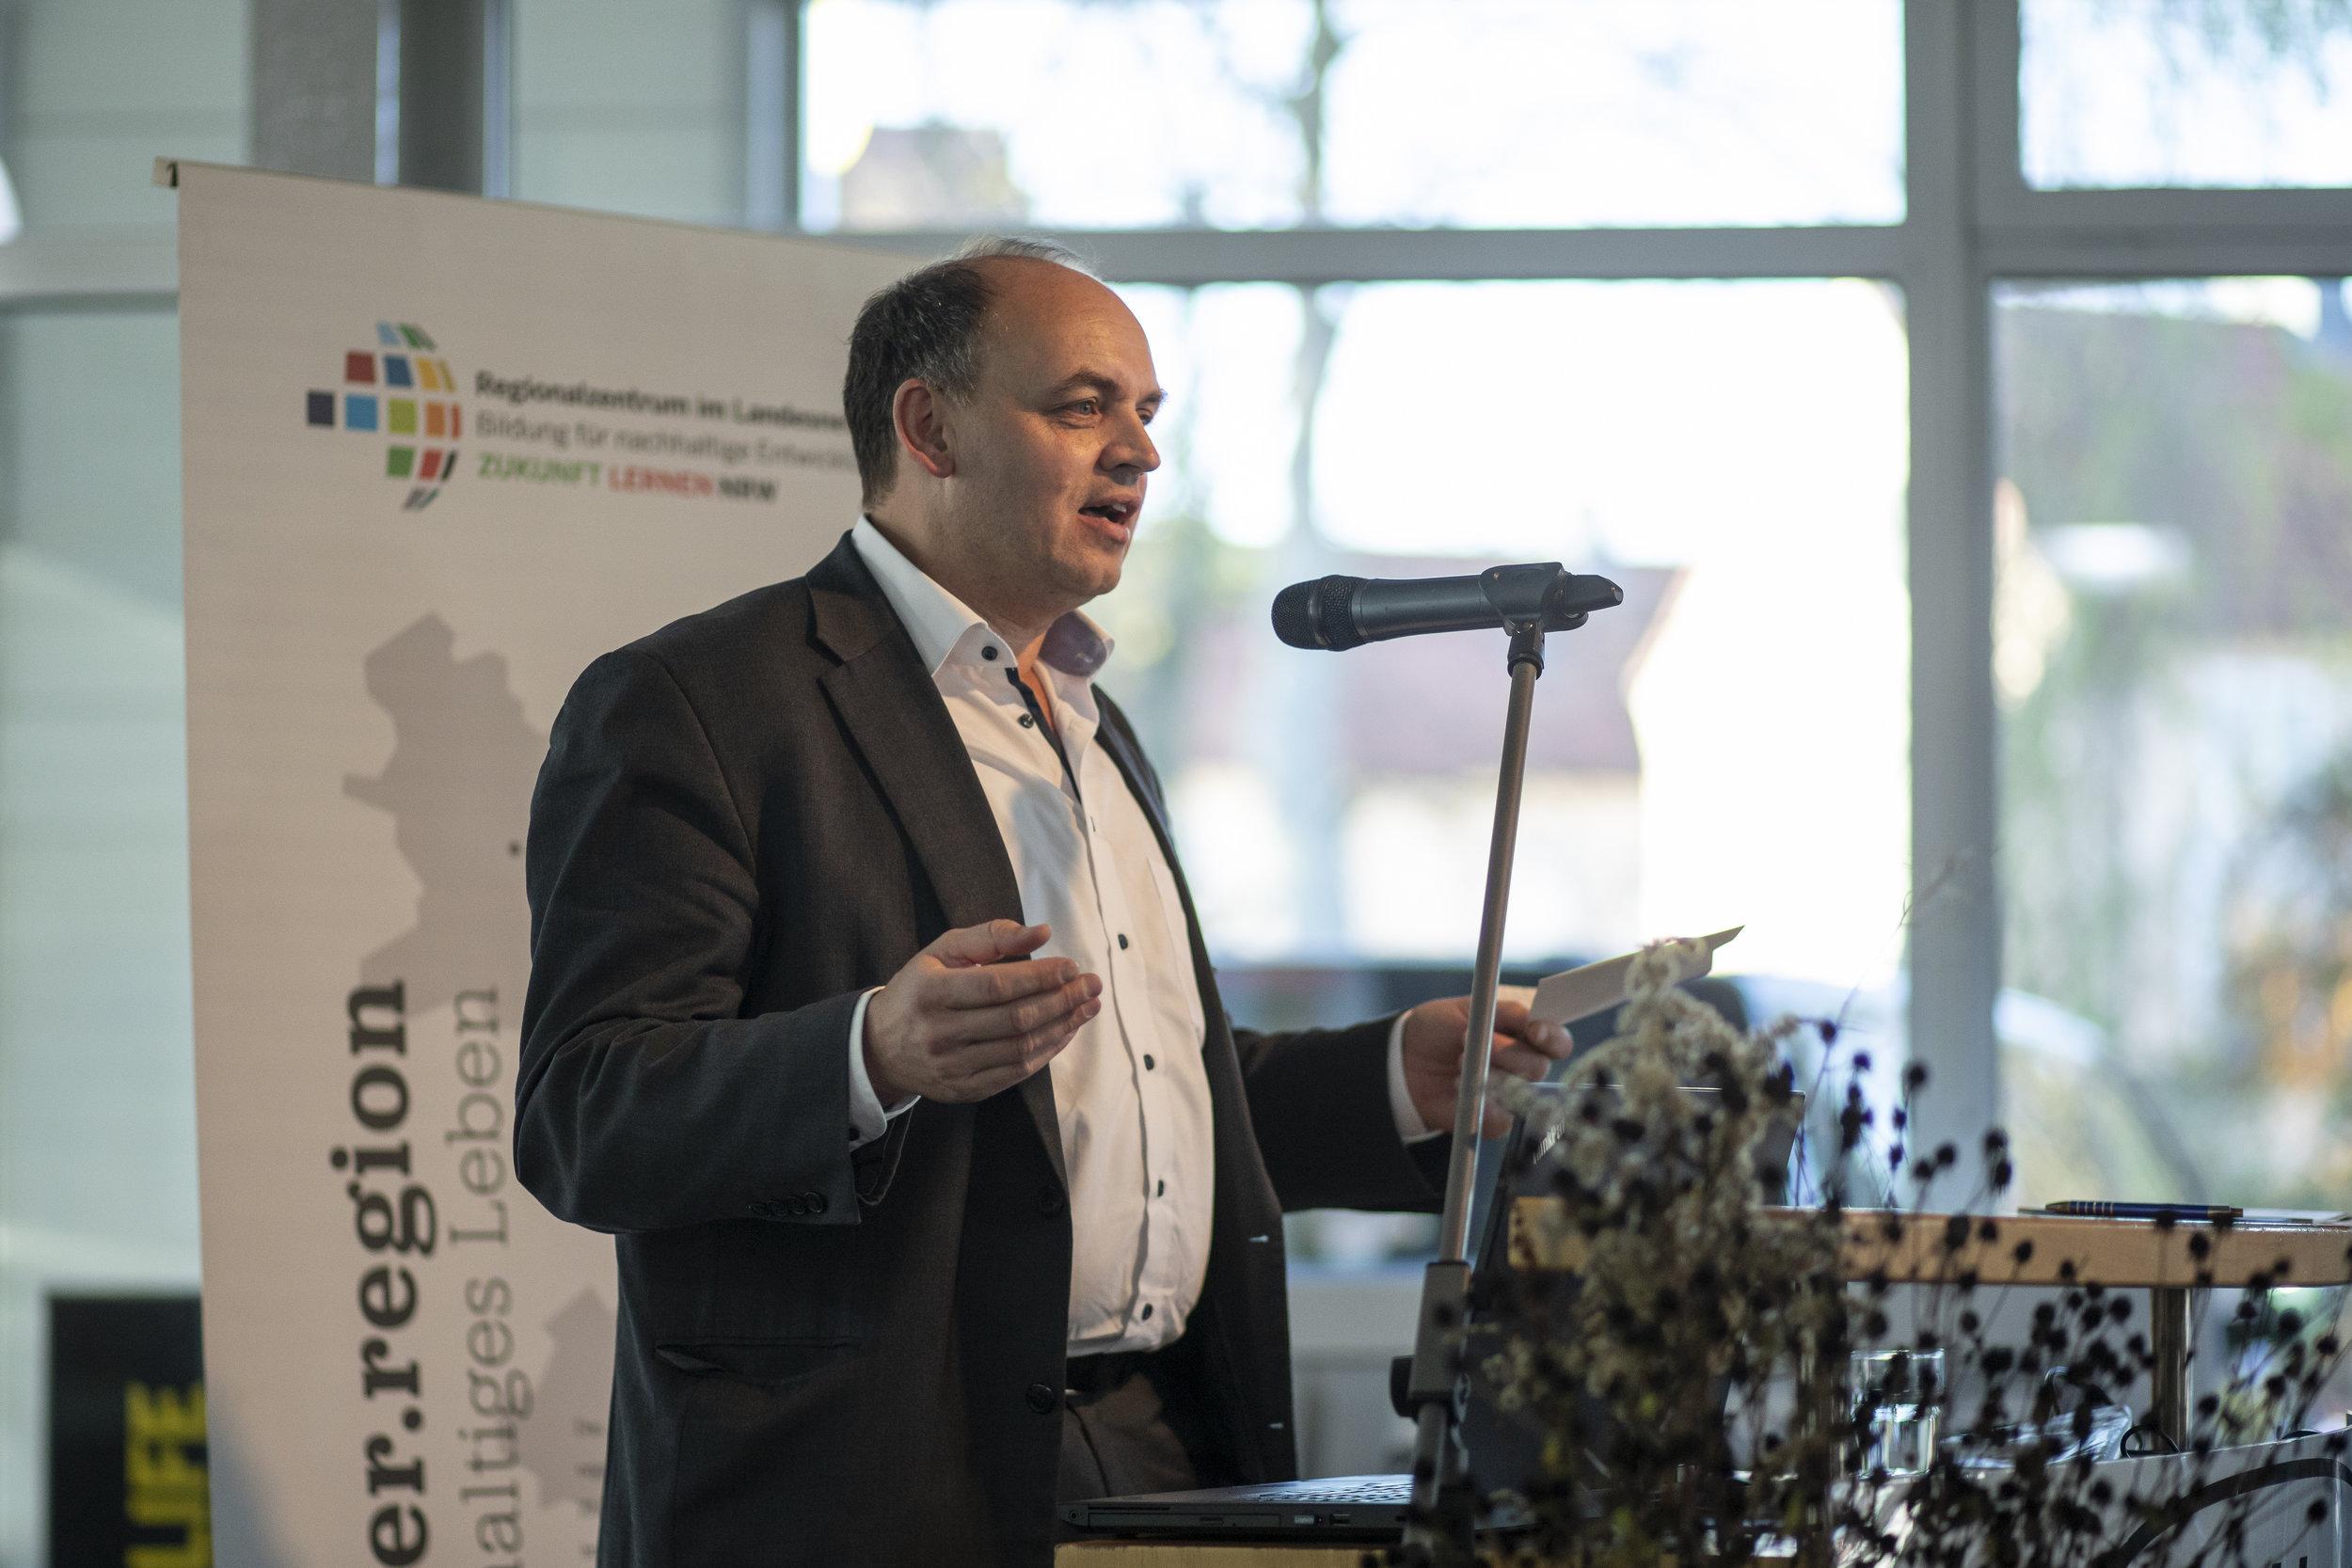 Viktor Haase, Abteilungsleiter für Nachhaltige Entwicklung, Klimawandel und Umweltwirtschaft